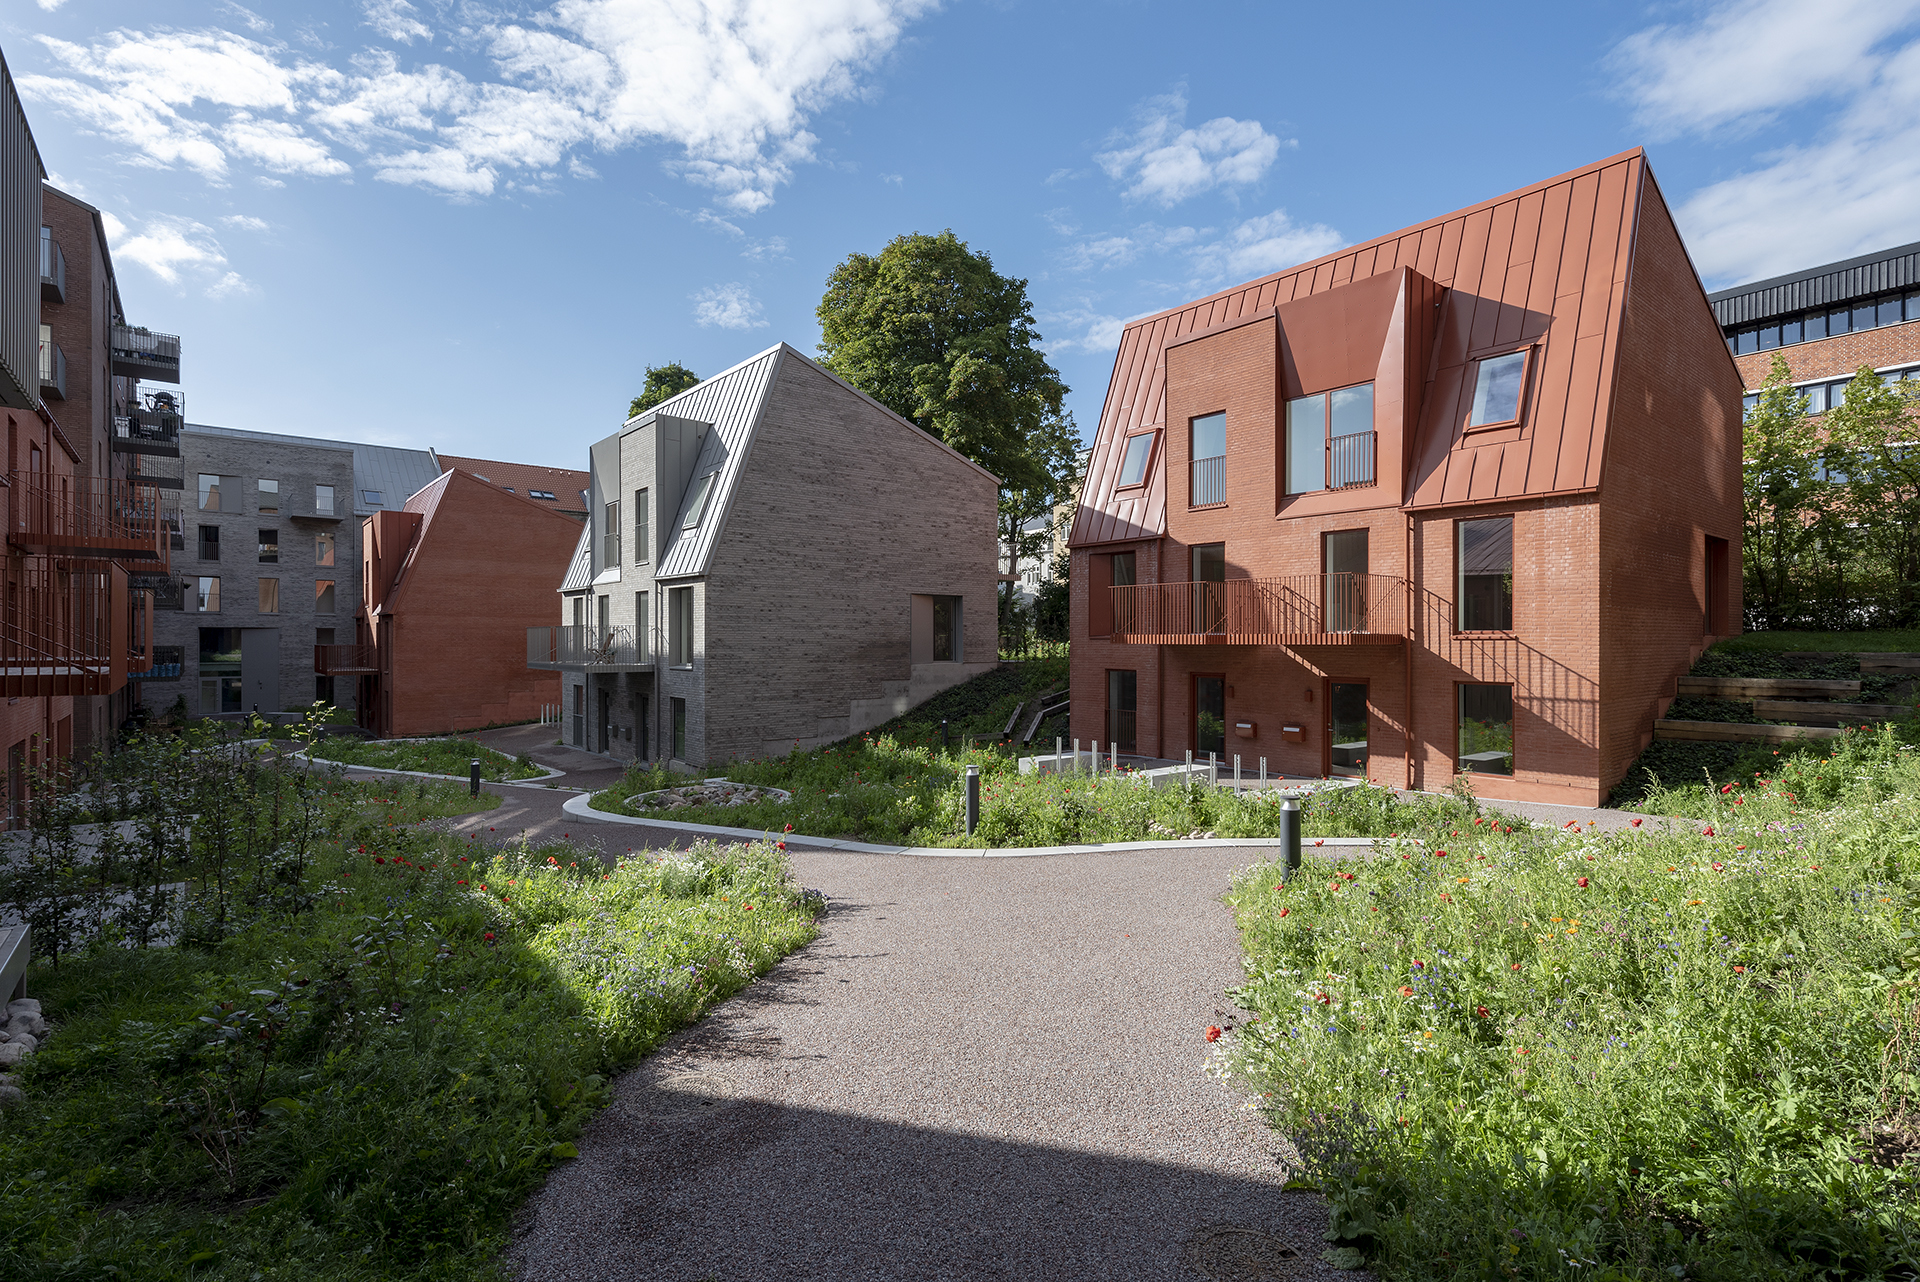 146 Residences in Aarhus / CEBRA